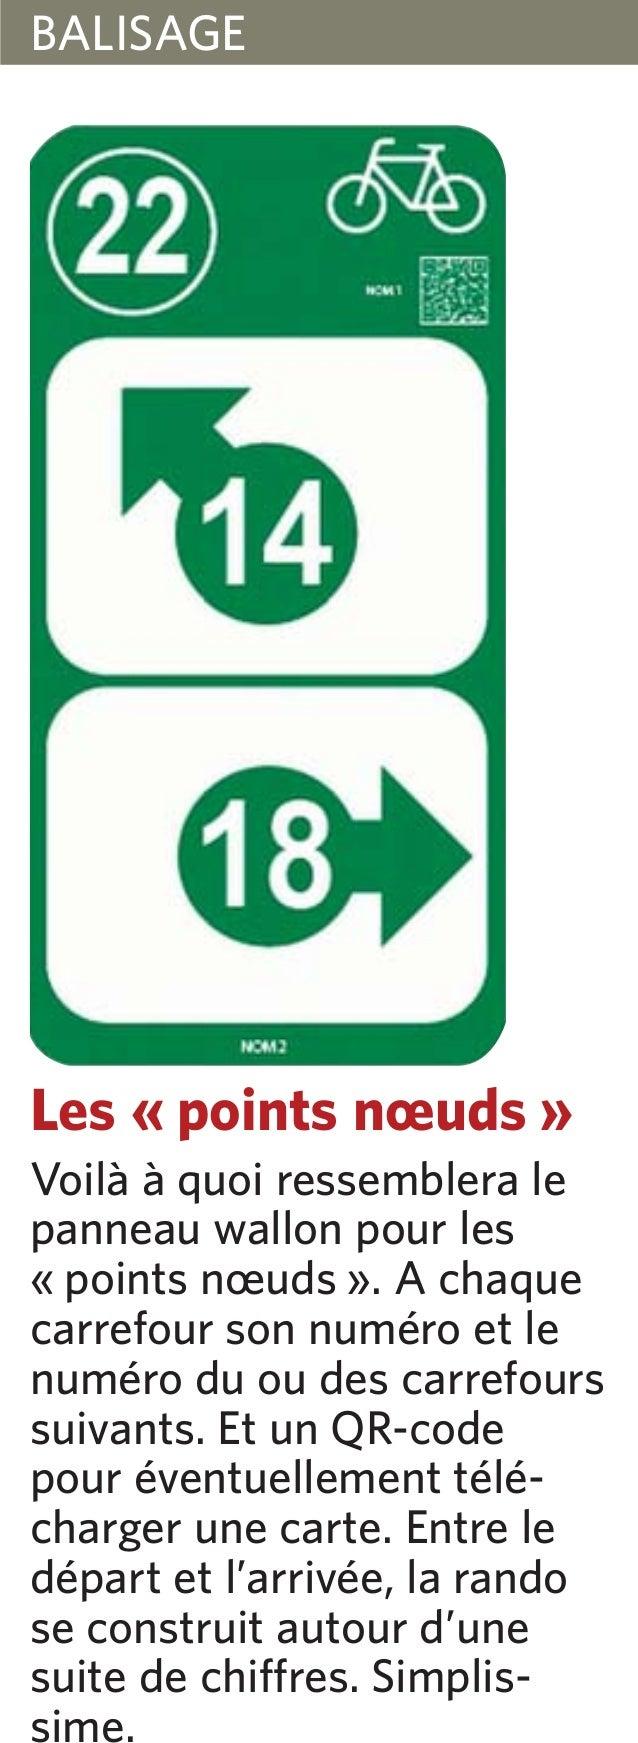 Les « points nœuds » Voilà à quoi ressemblera le panneau wallon pour les « points nœuds ». A chaque carrefour son numéro e...